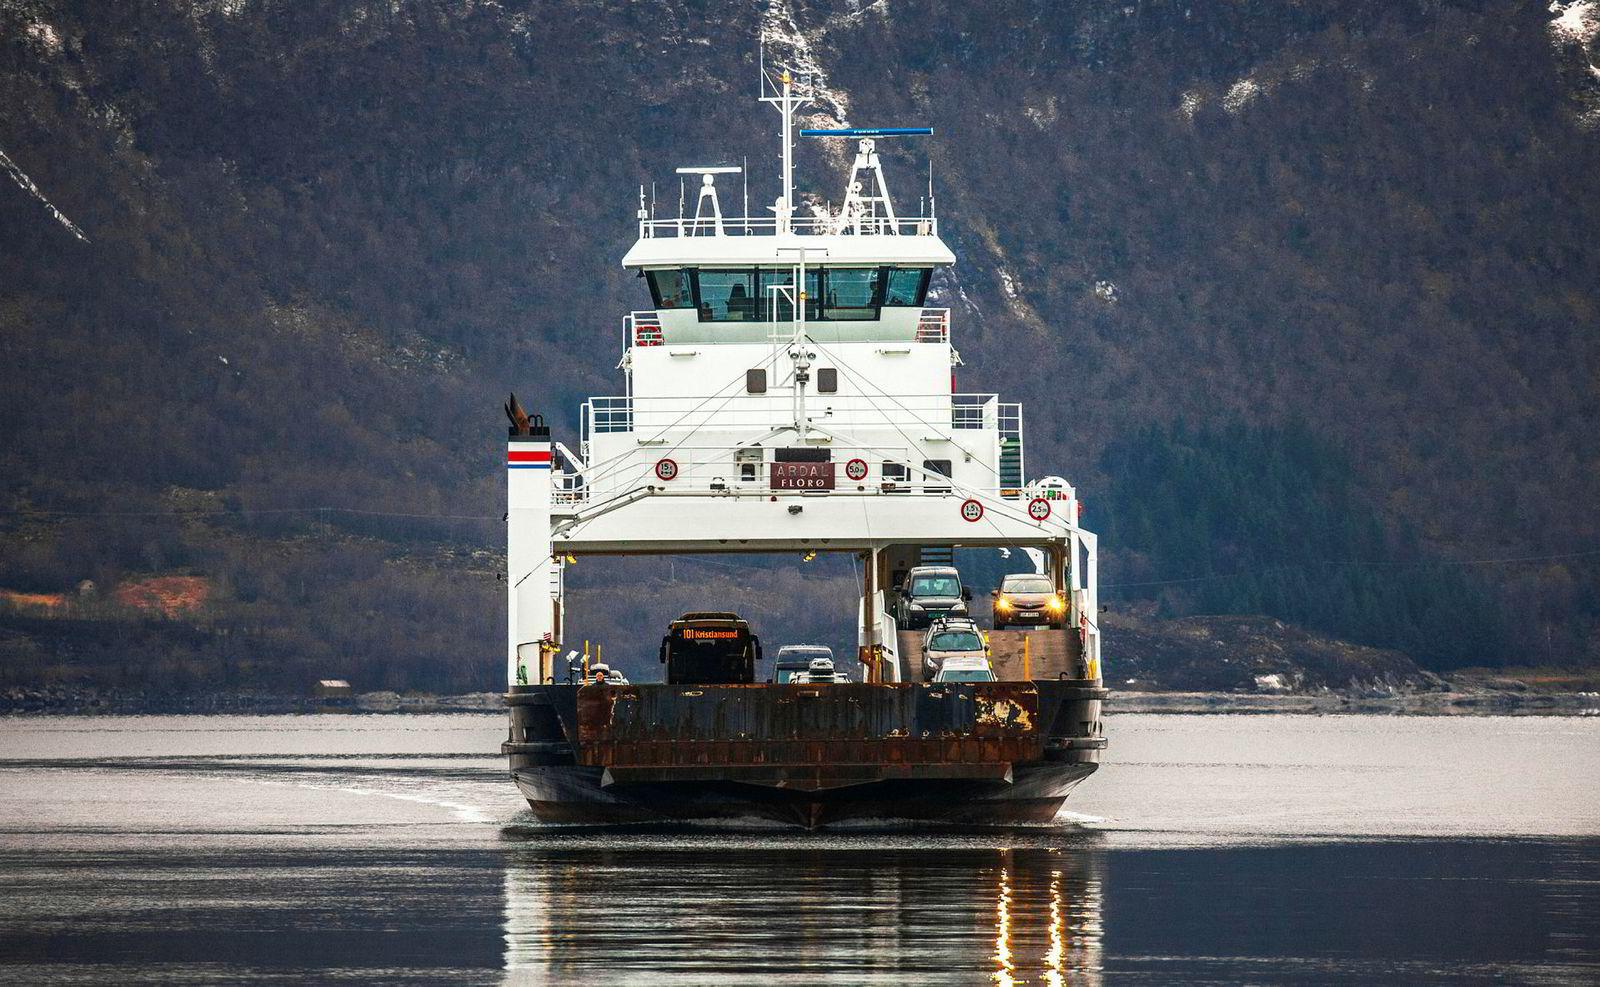 Fjord1 er landets største transportselskap som driver ferger og hurtigbåter. Her fra strekningen Festøya-Solevågen i Møre og Romsdal.